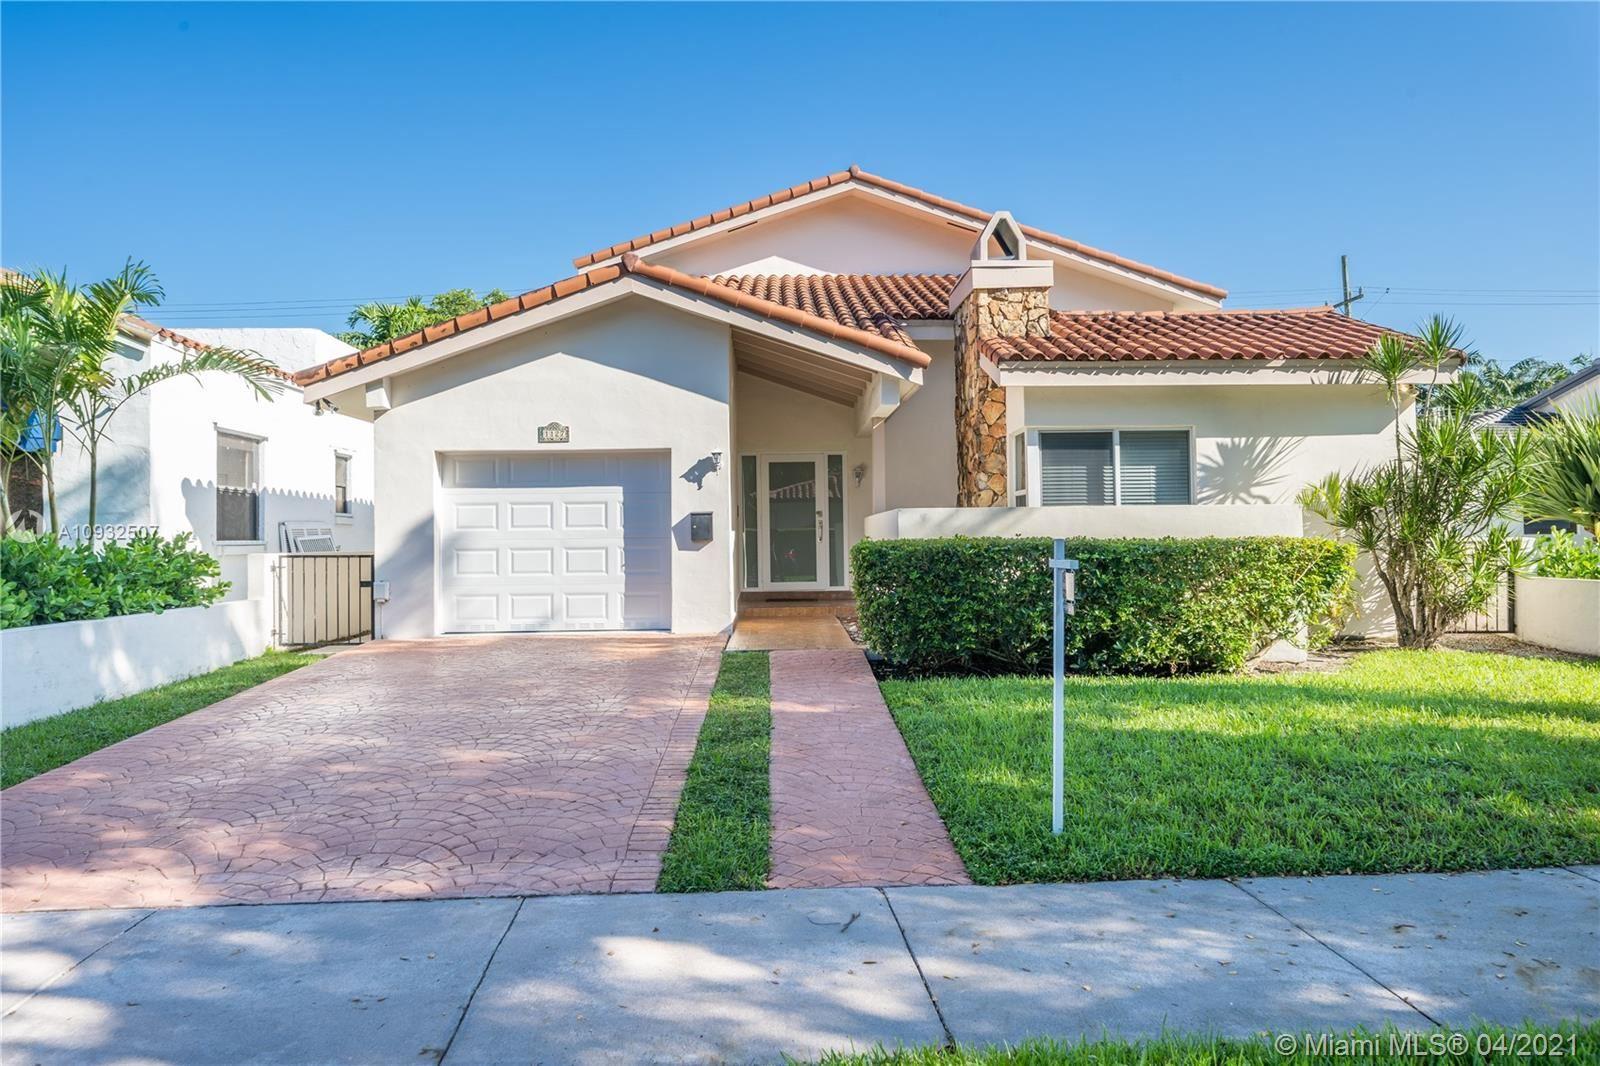 1127 Venetia Ave, Coral Gables, FL 33134 - #: A10932507